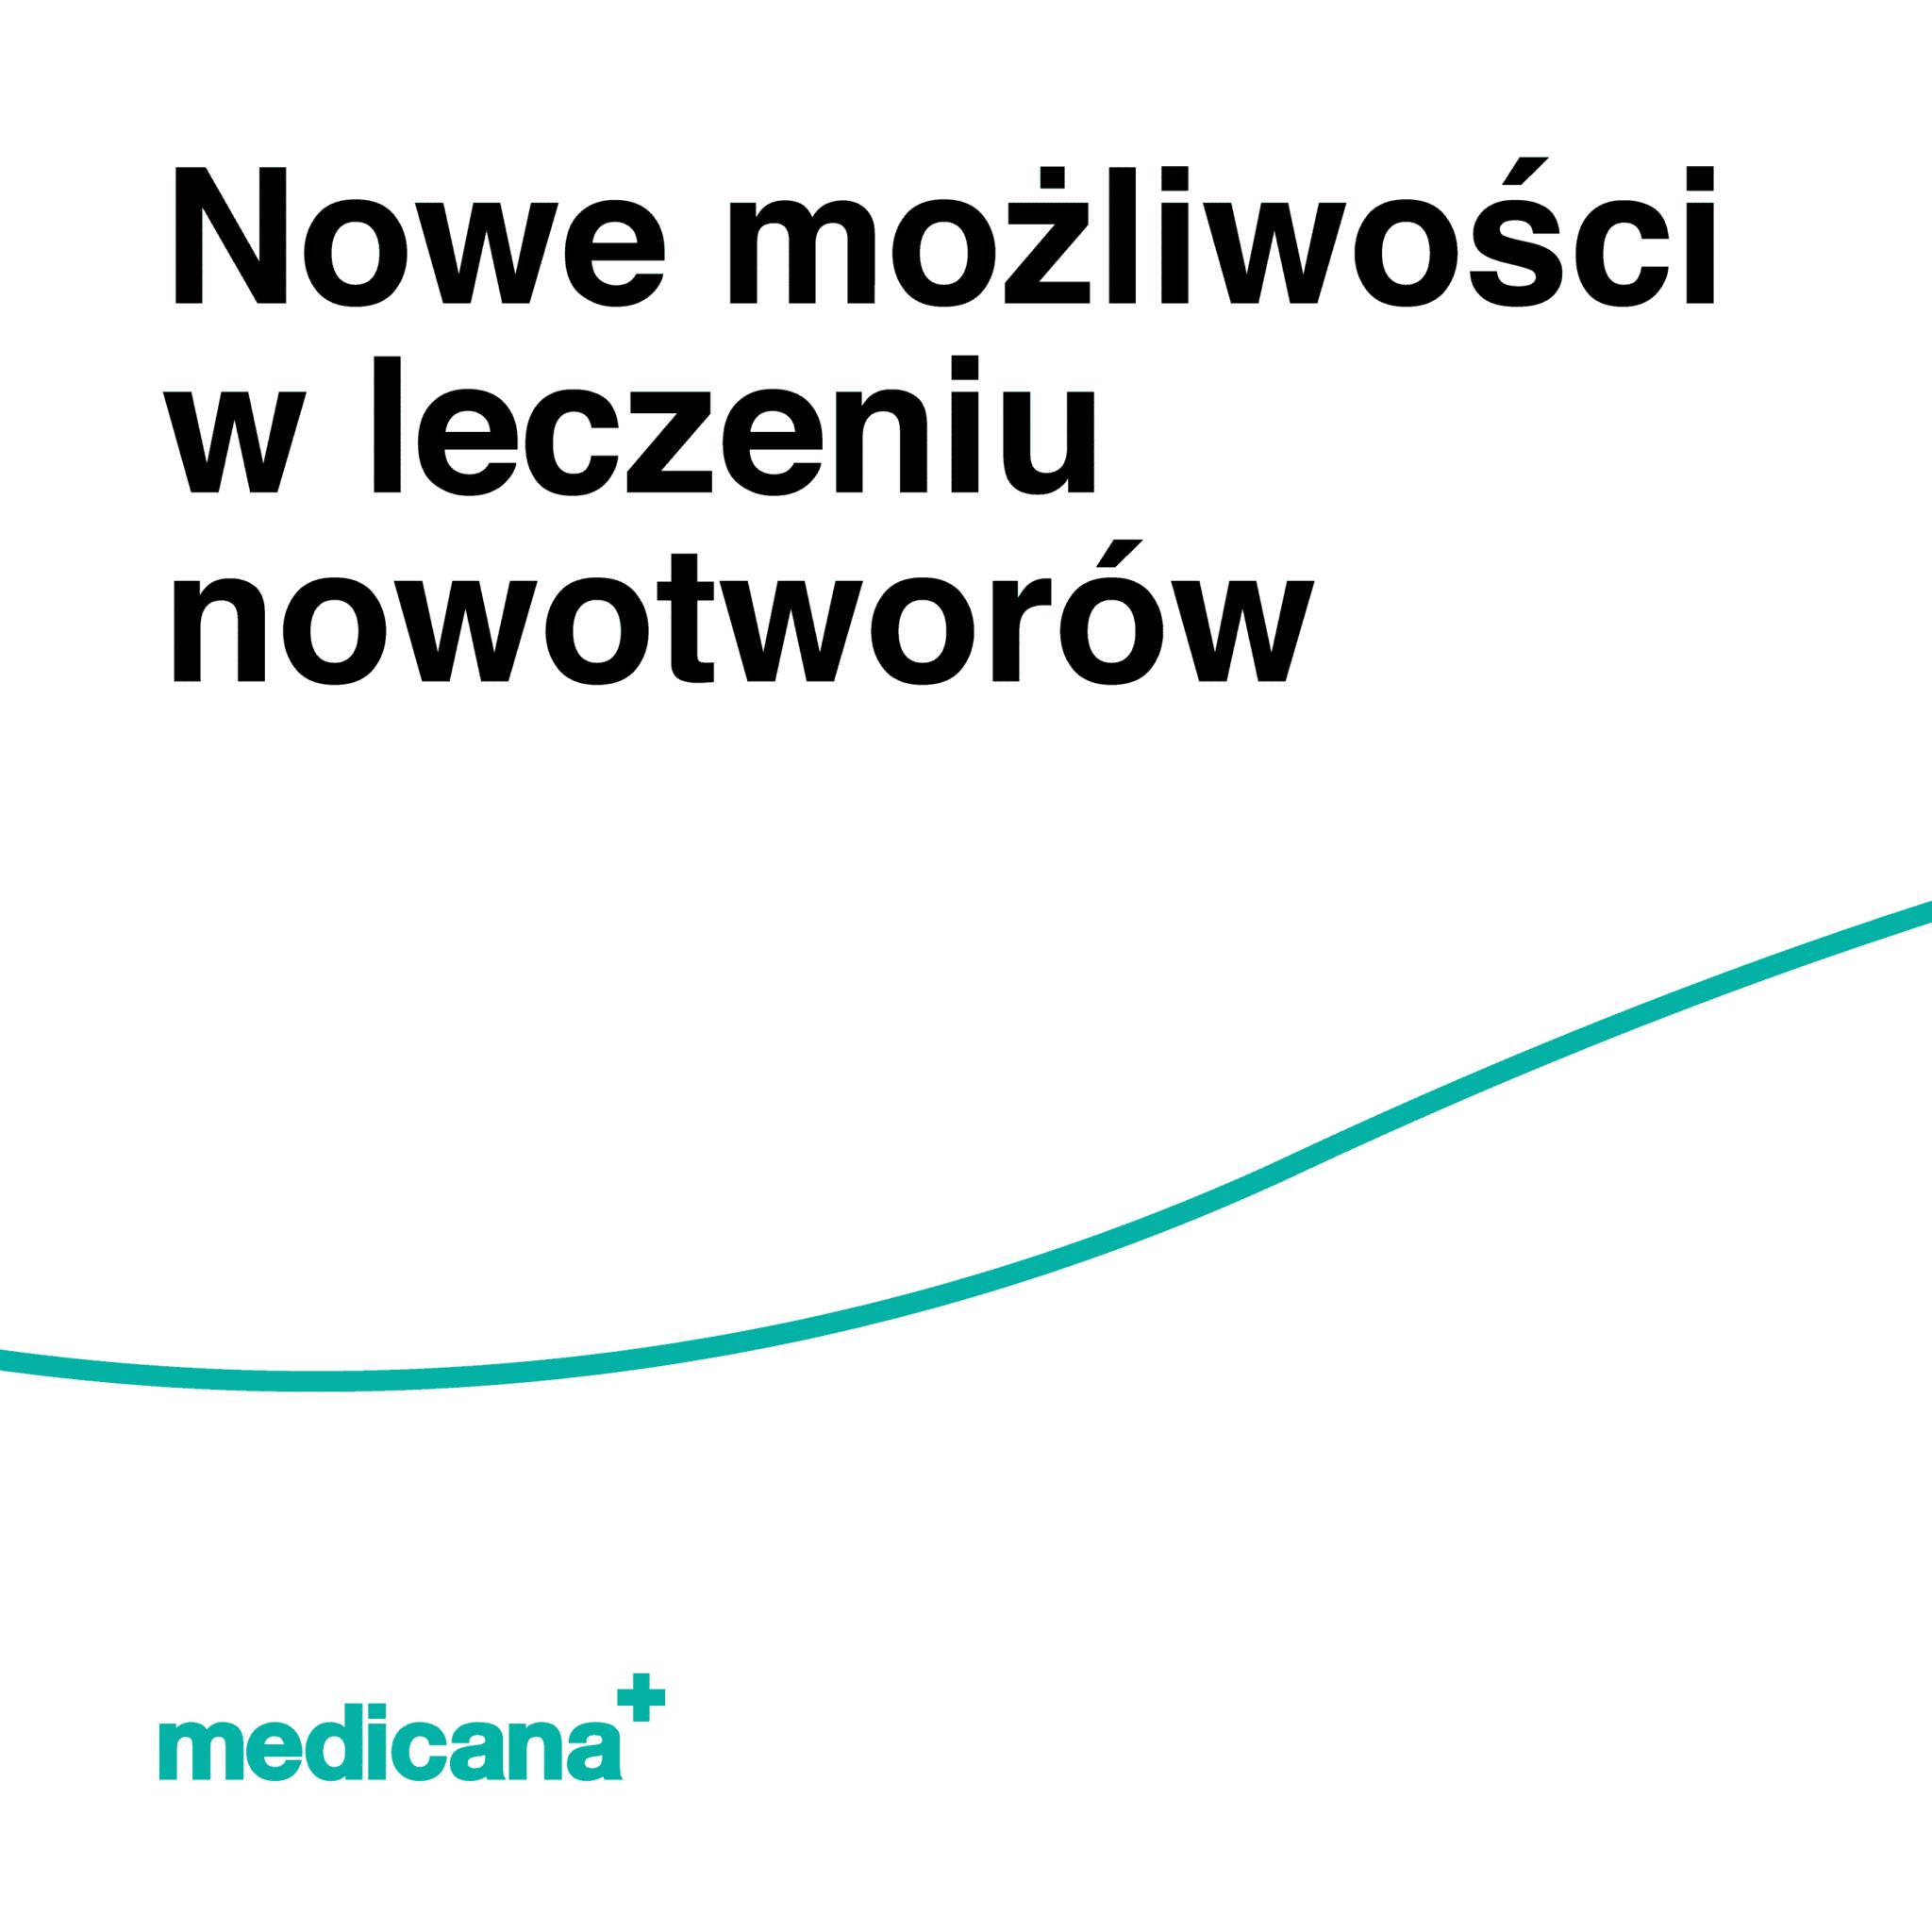 Grafika, białe tło z zieloną linią, czarnym napisem Nowe możliwości w leczeniu nowotworów oraz zielonym logo Medicana w lewym dolnym rogu.